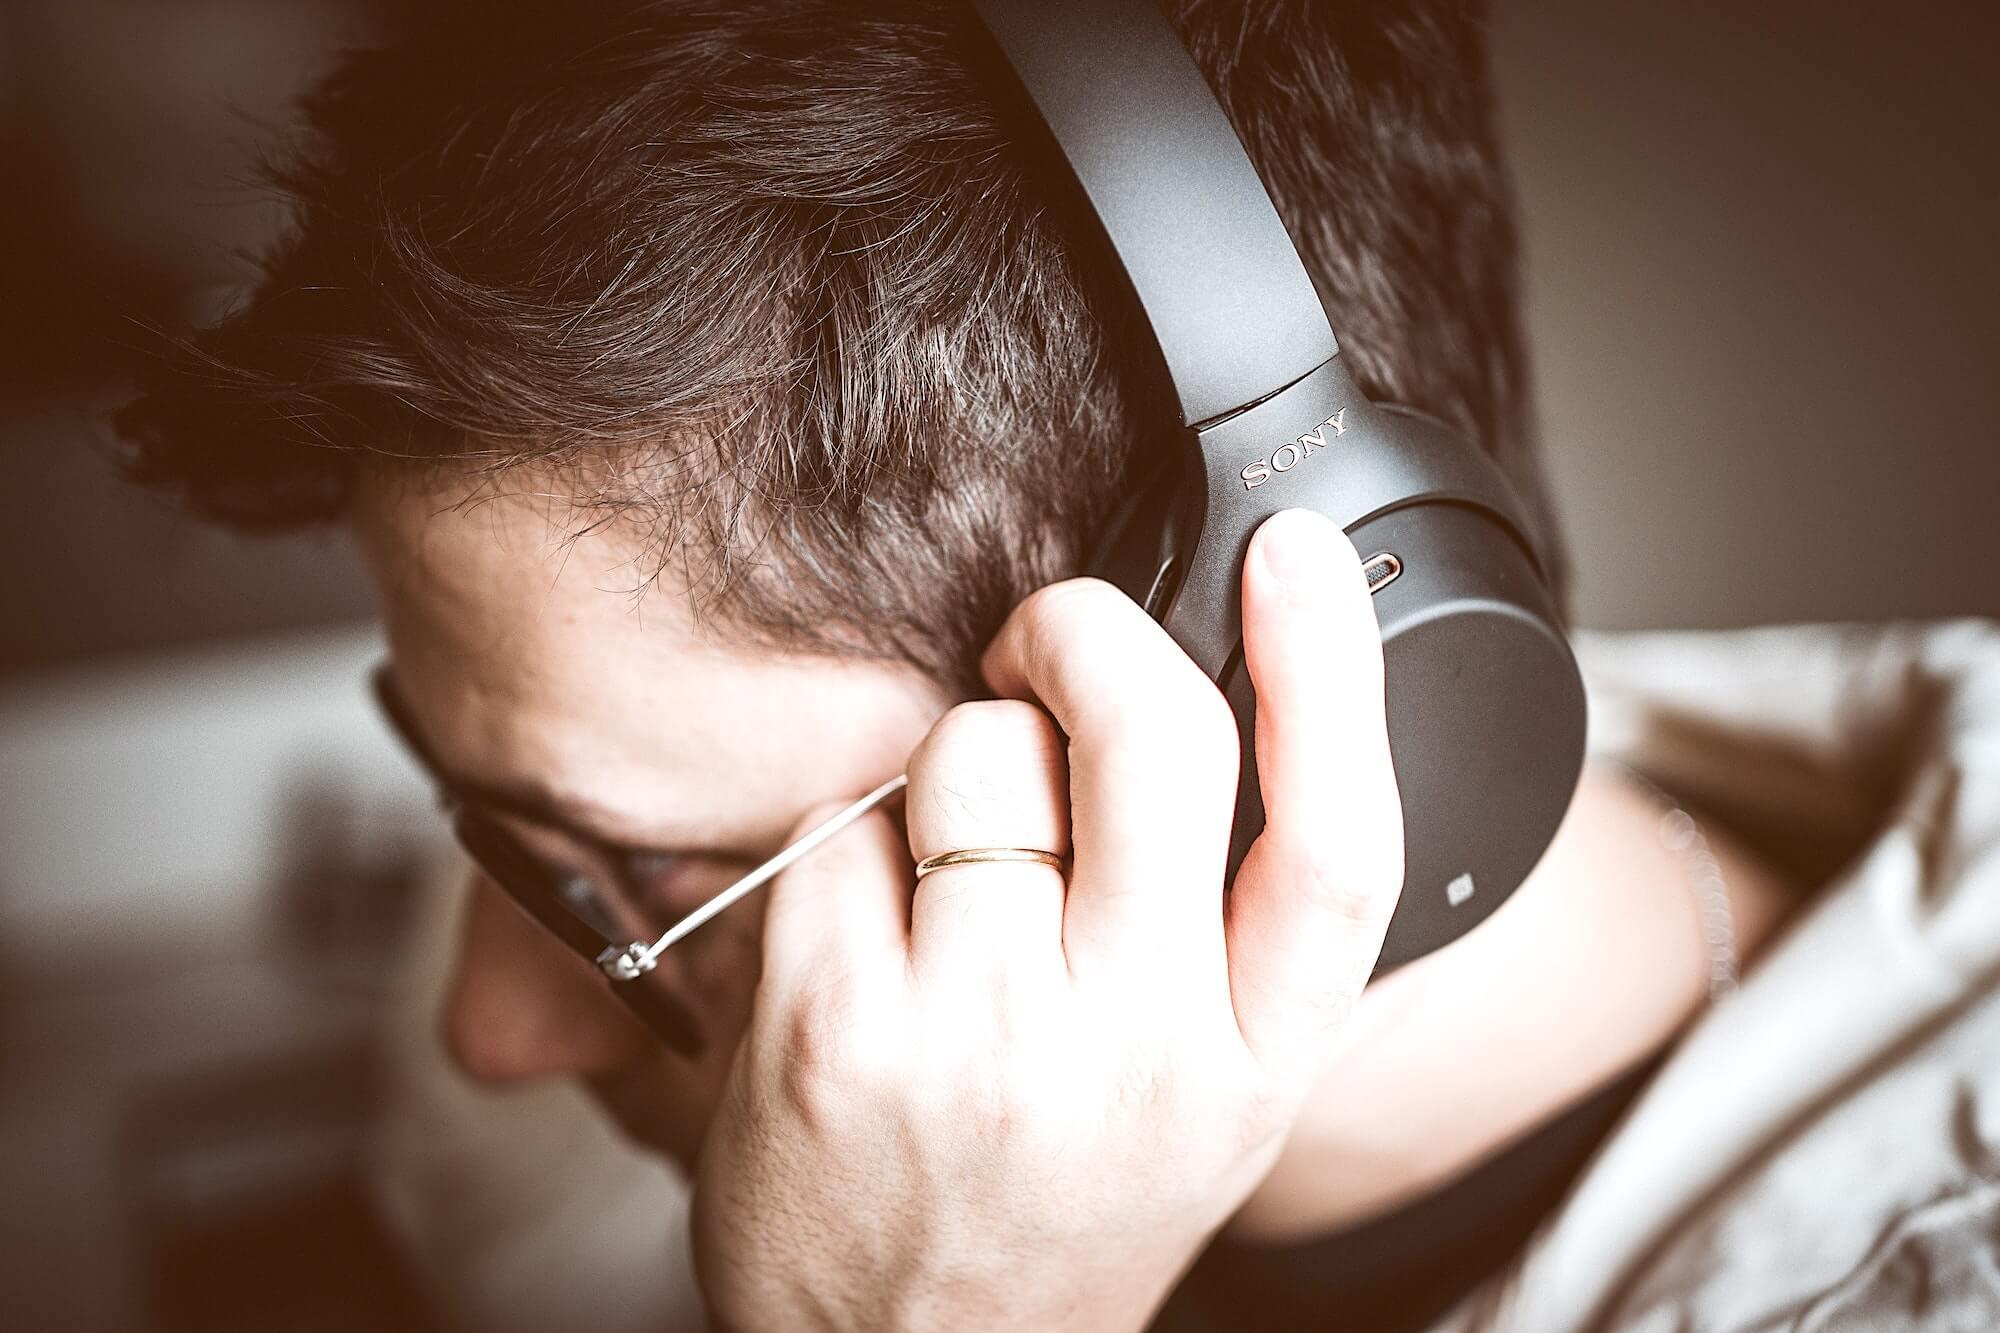 «Шум — убивает»: что стоит знать о шумовом загрязнении - 1